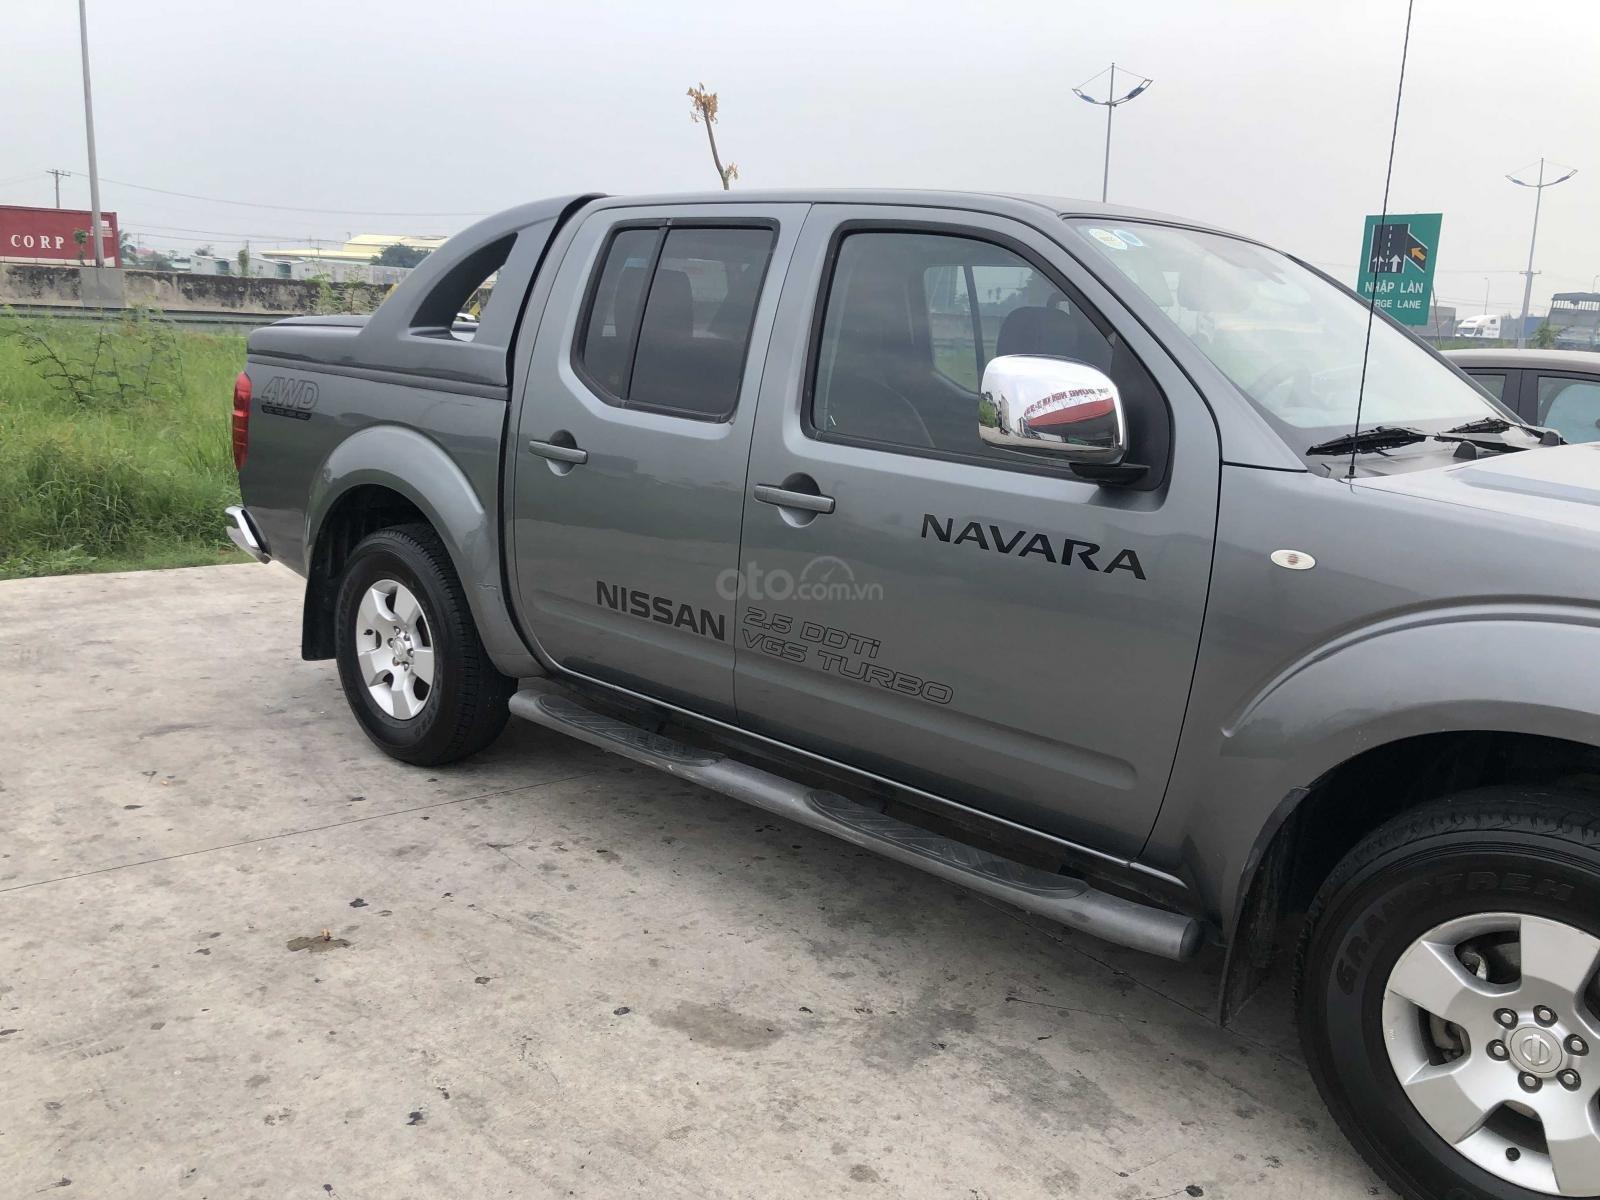 Bán xe Nissan Navara đăng ký 2011 chỉnh chủ giá 315 triệu đồng (2)